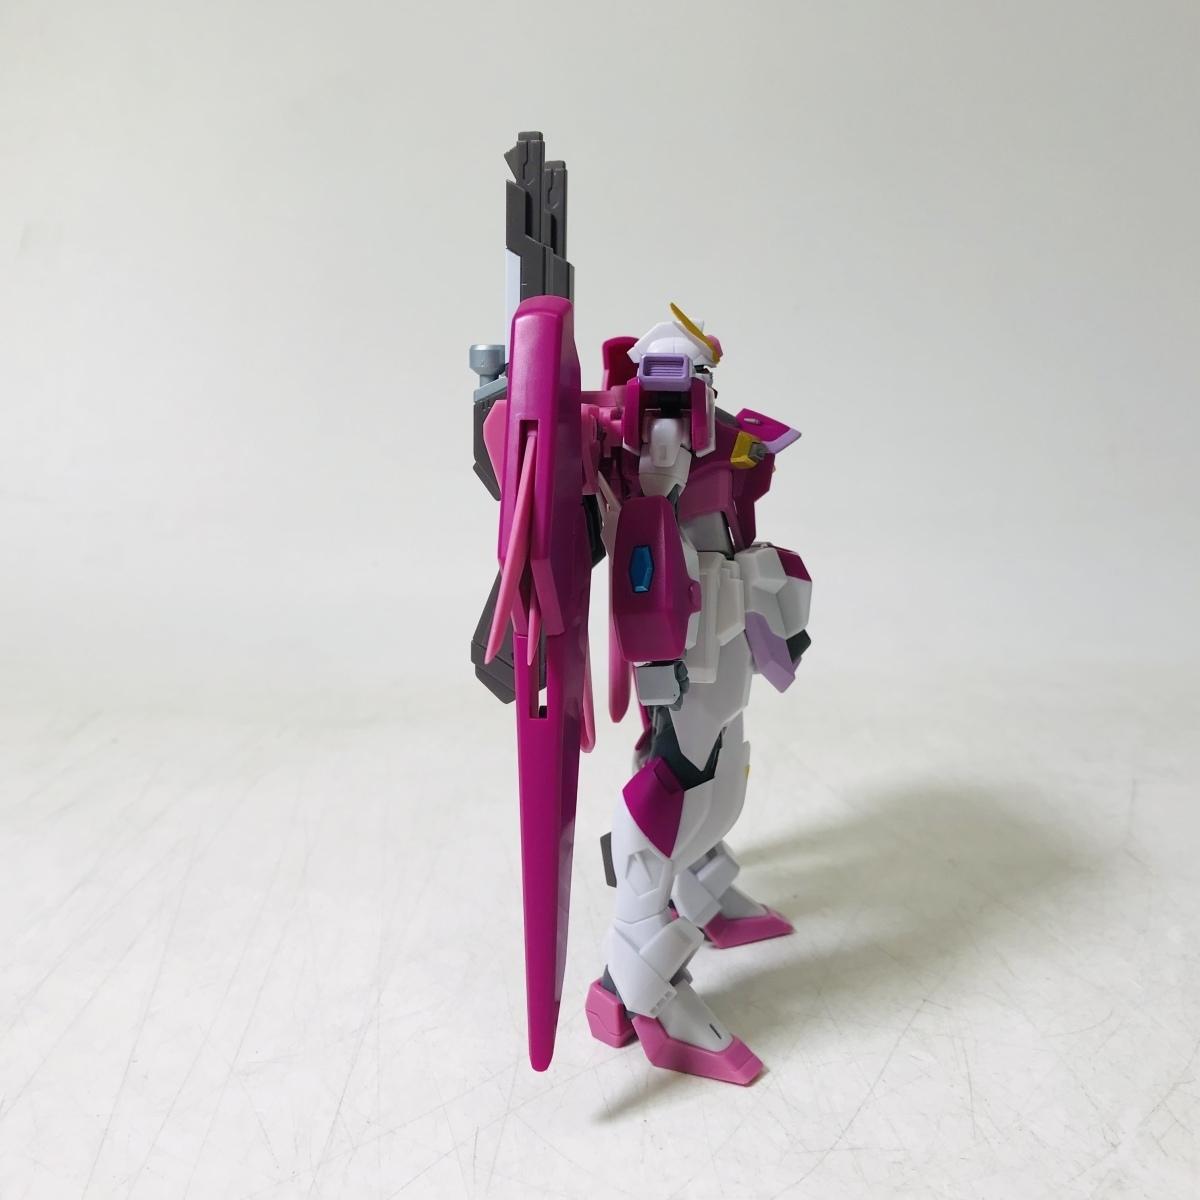 中古品 ROBOT魂 機動戦士ガンダムSEED DESTINY デスティニーインパルスガンダム_画像4